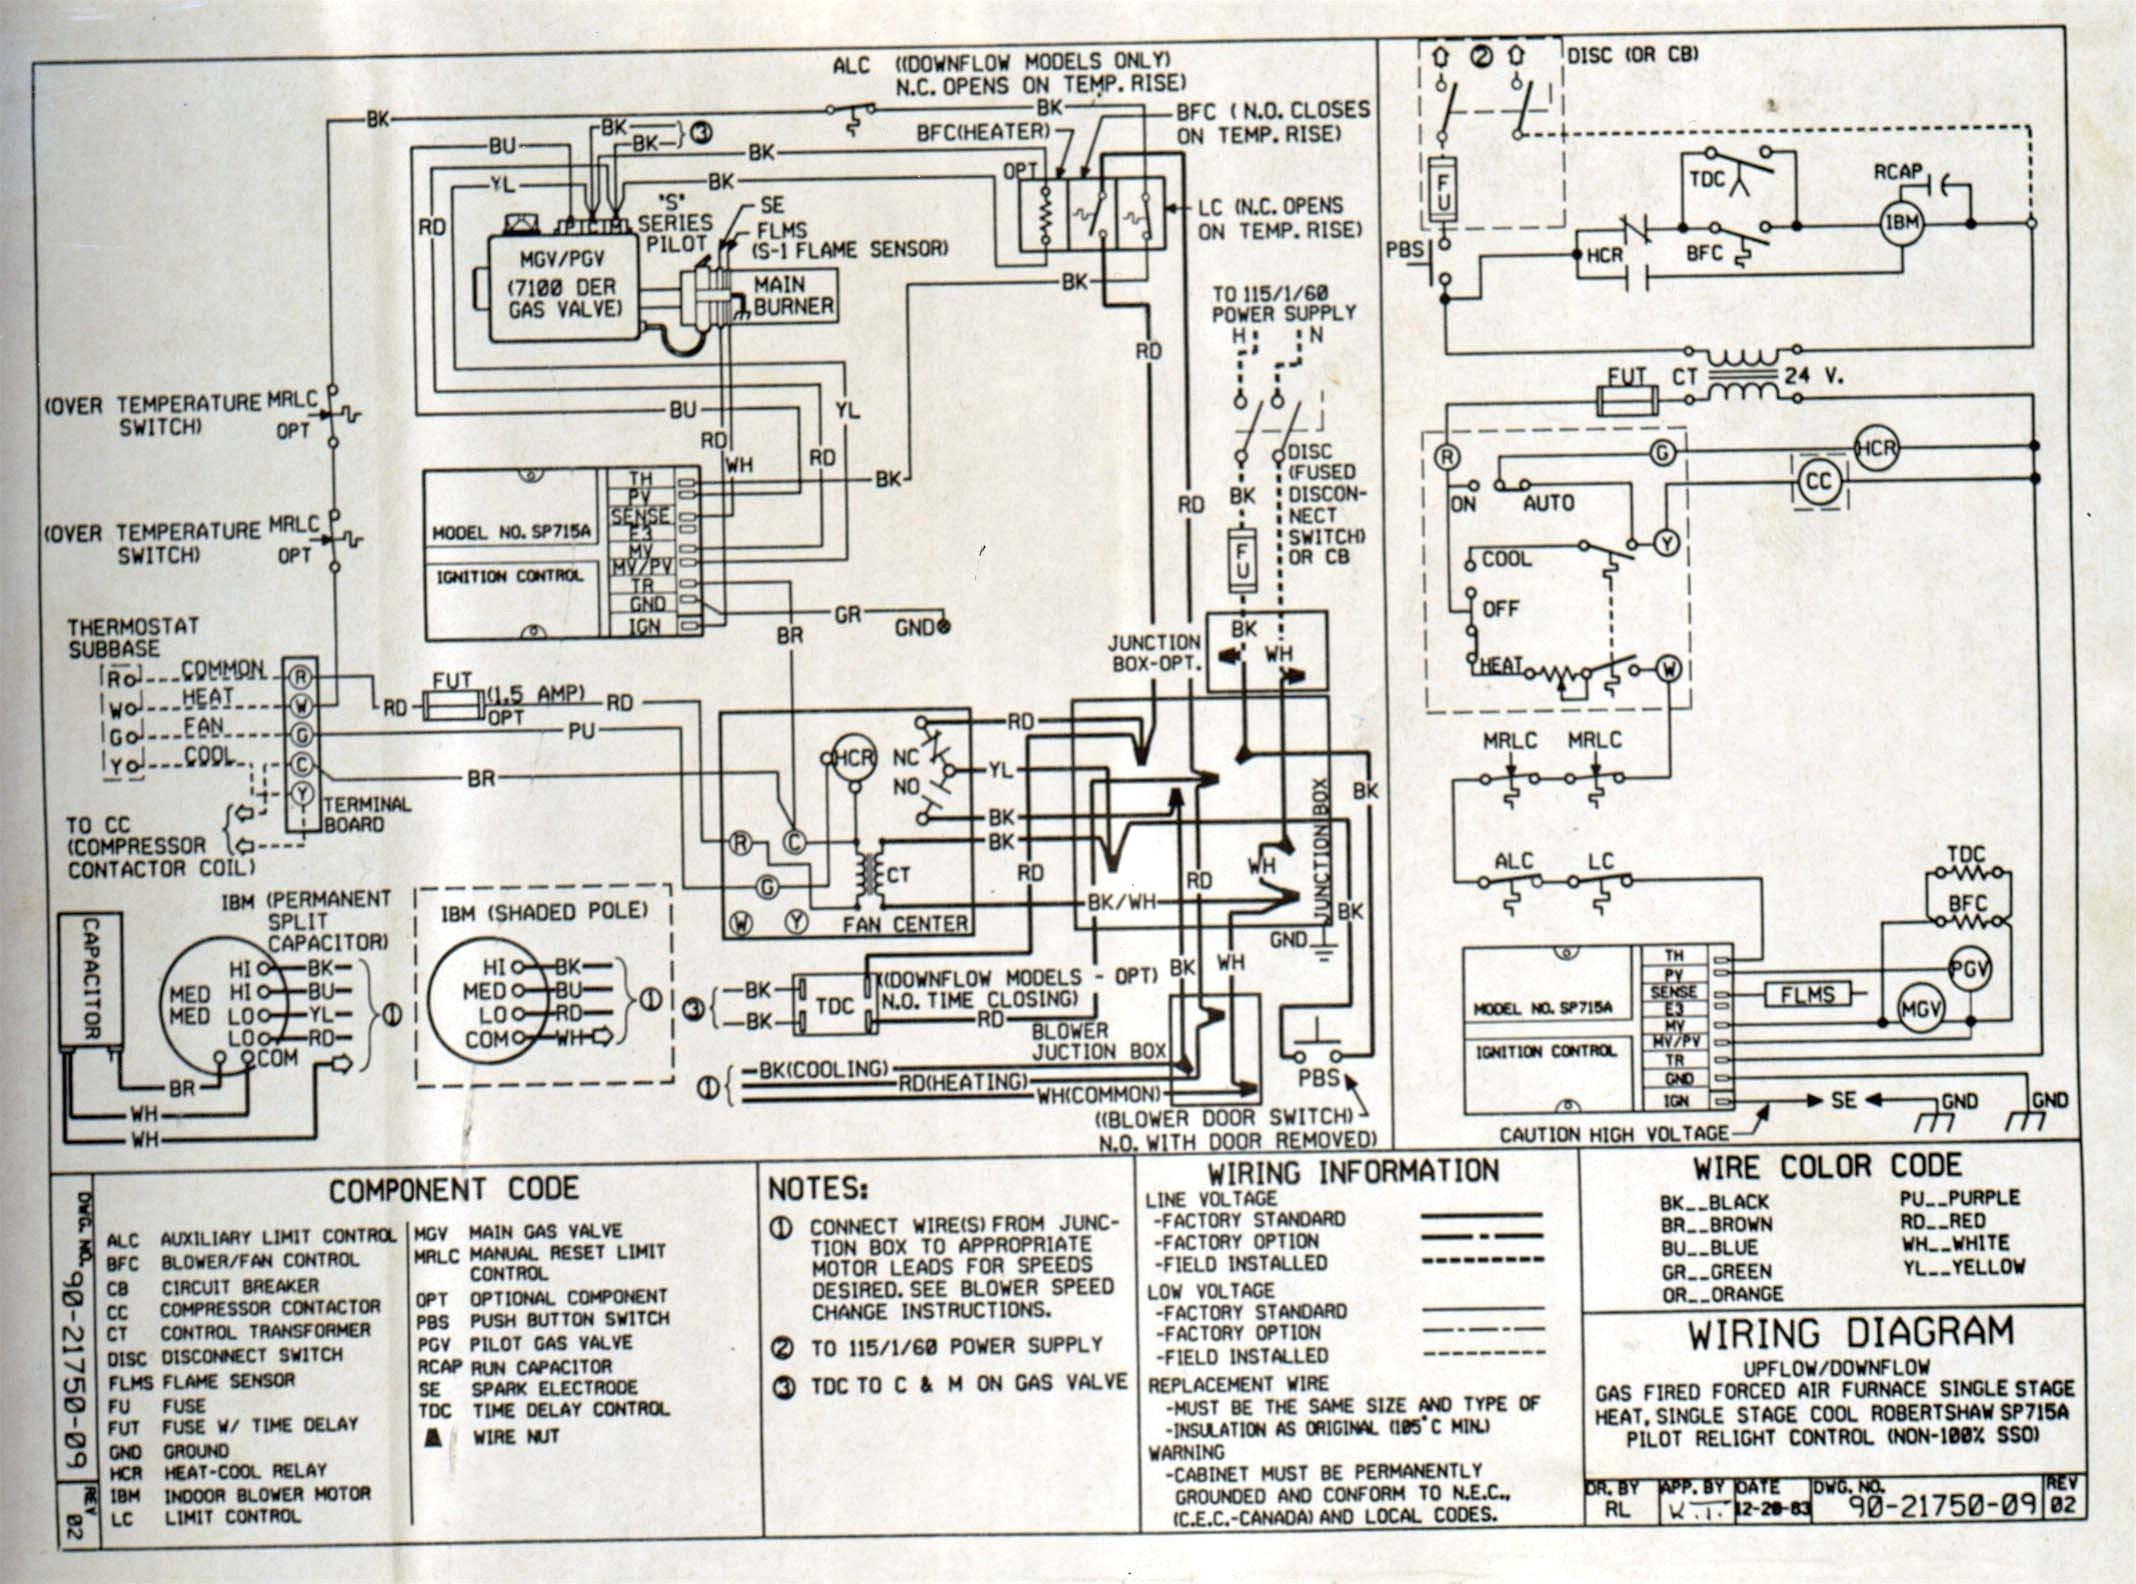 General Electric Motor Wiring Diagram Wiring Diagram for Ge Dryer Motor Save Wiring Diagram for Ge Of General Electric Motor Wiring Diagram